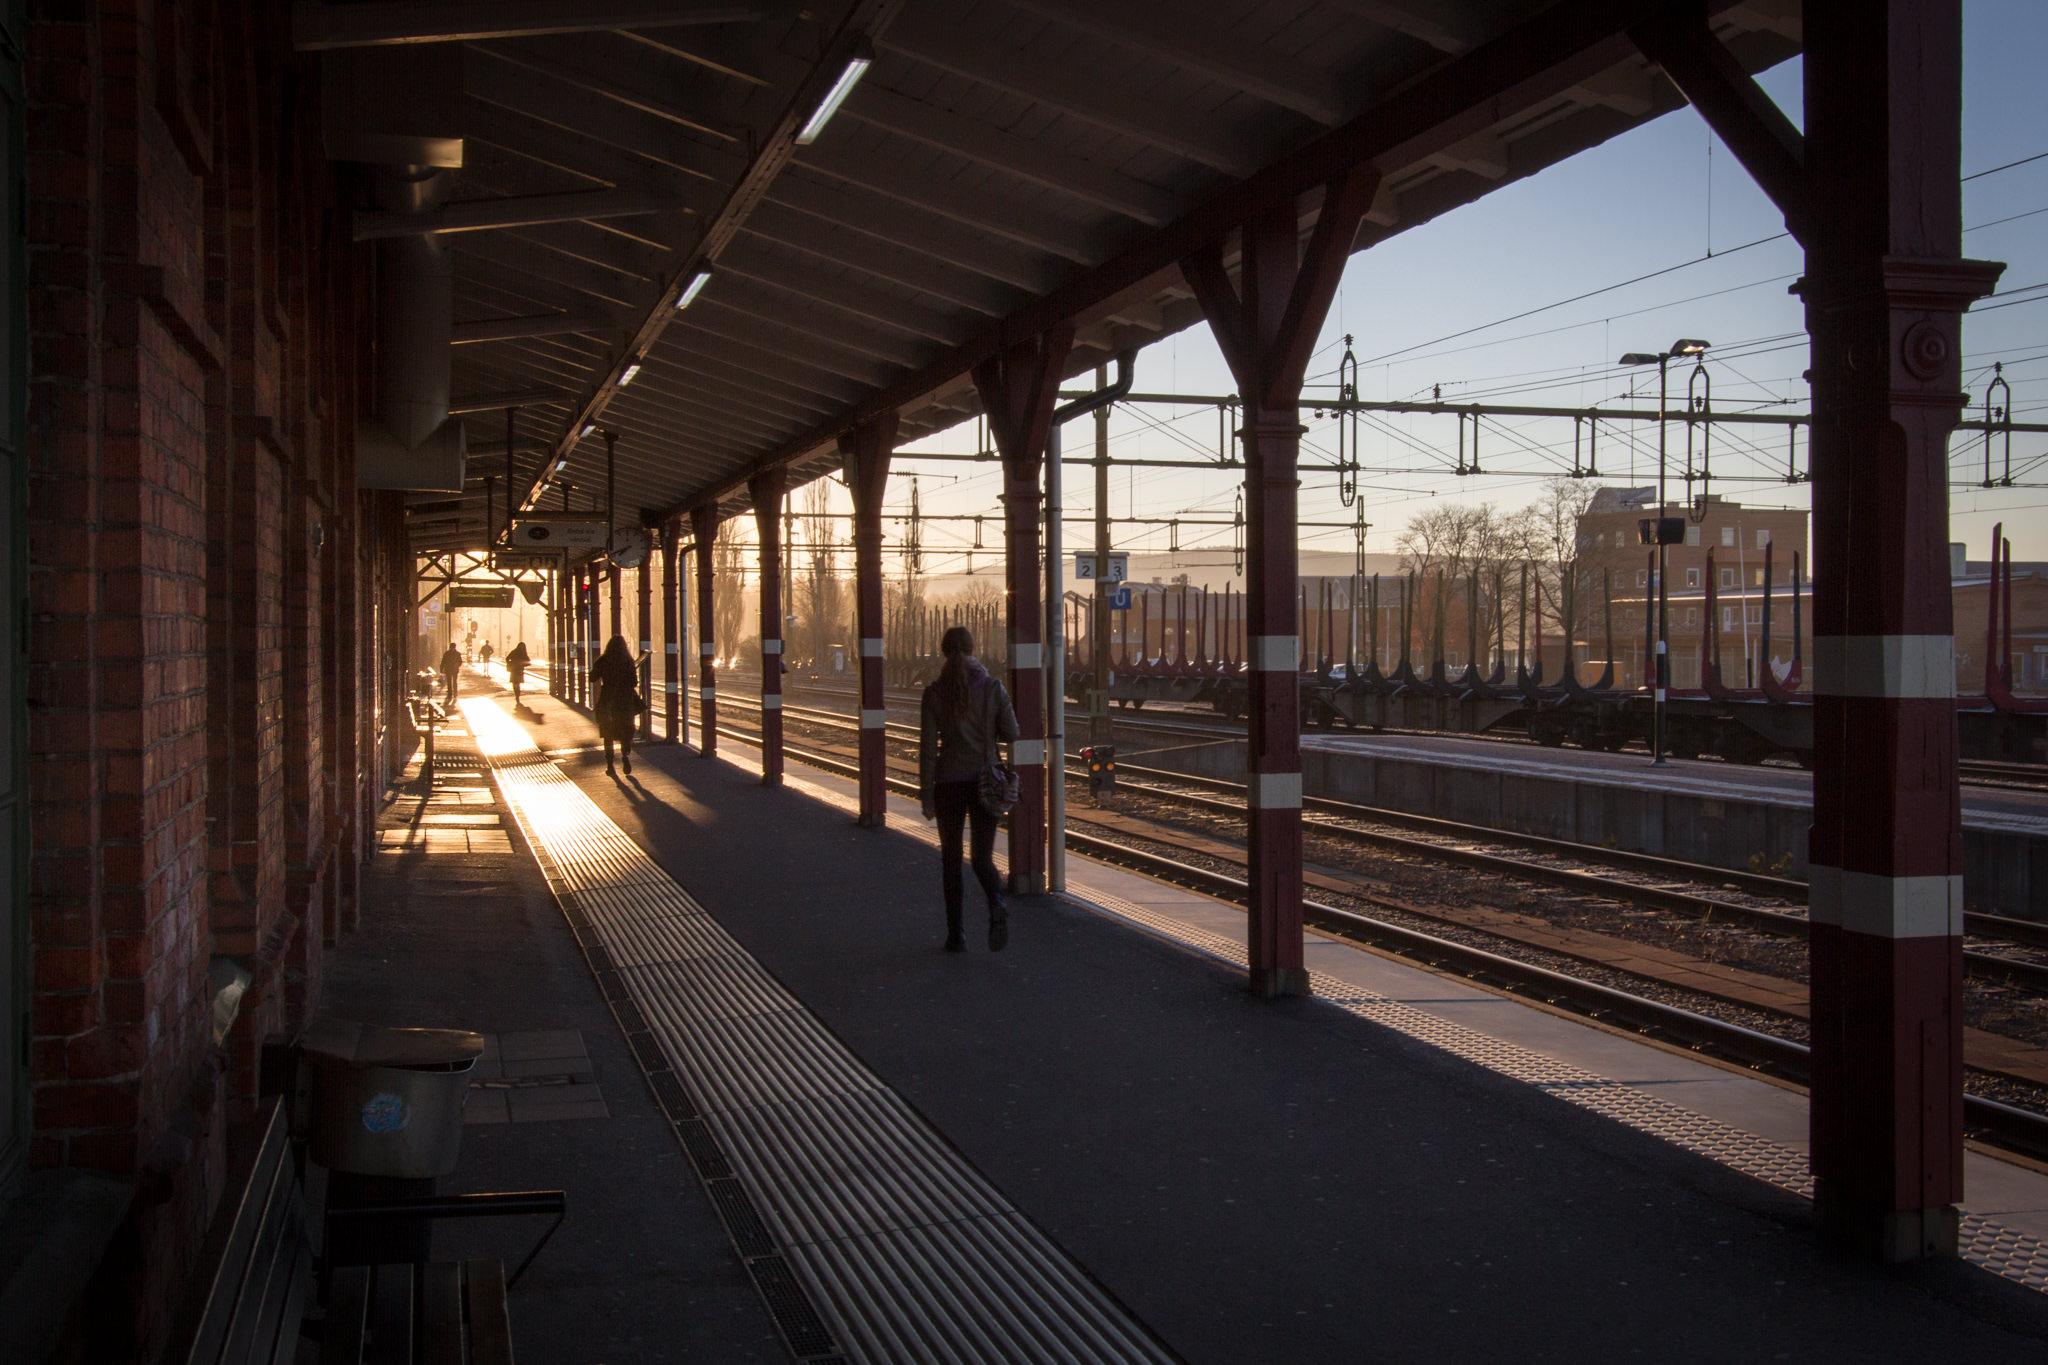 Perrong Arvika Station